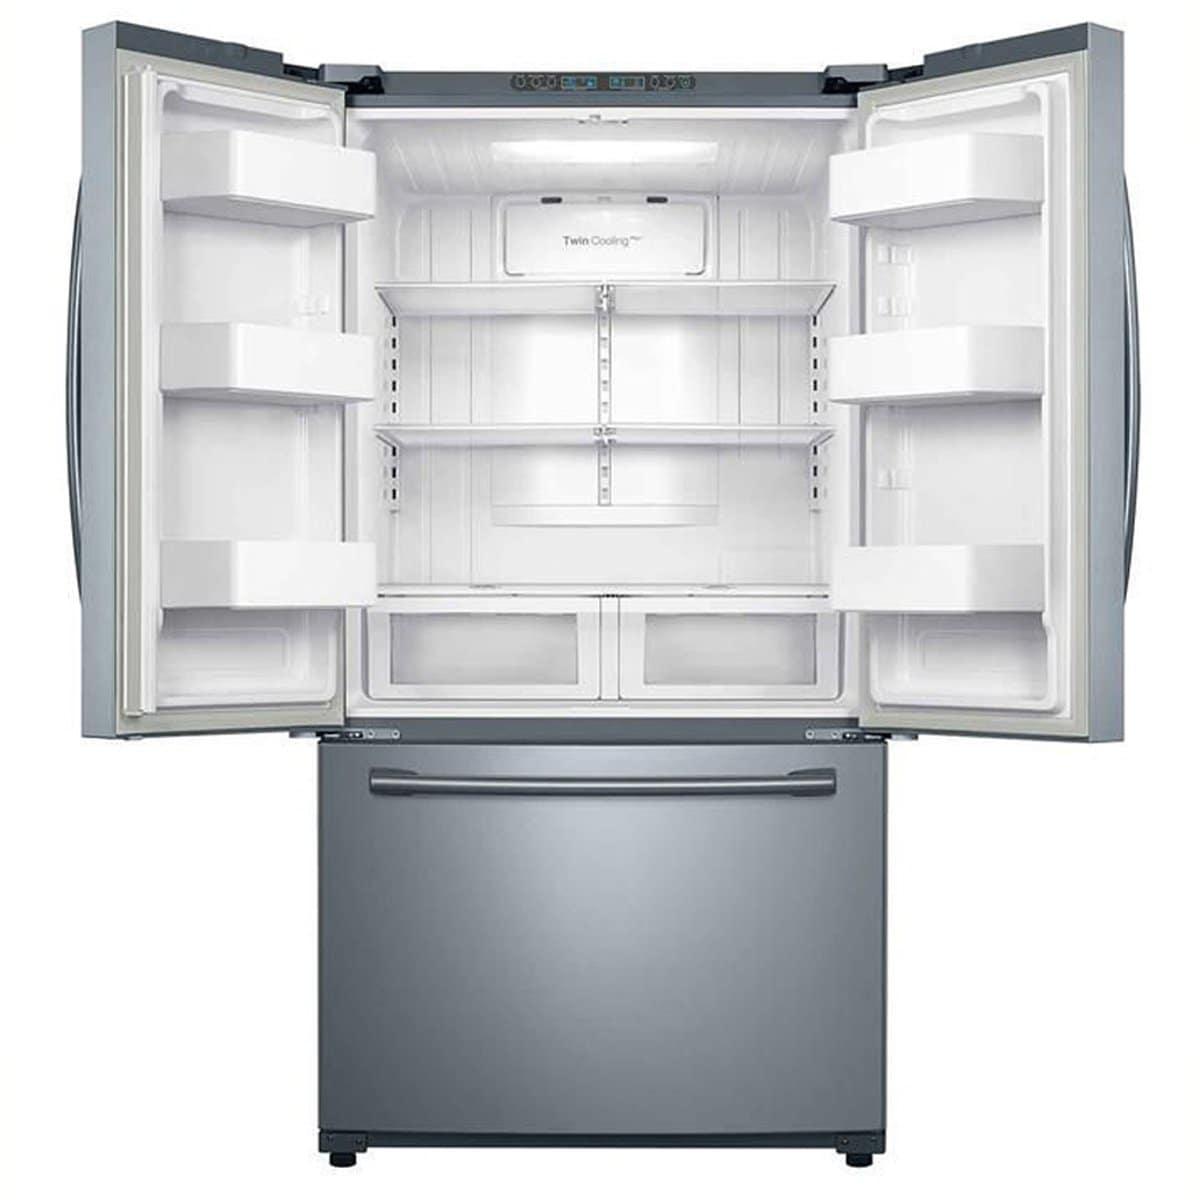 Refrigerador Samsung French Door 26 Pies